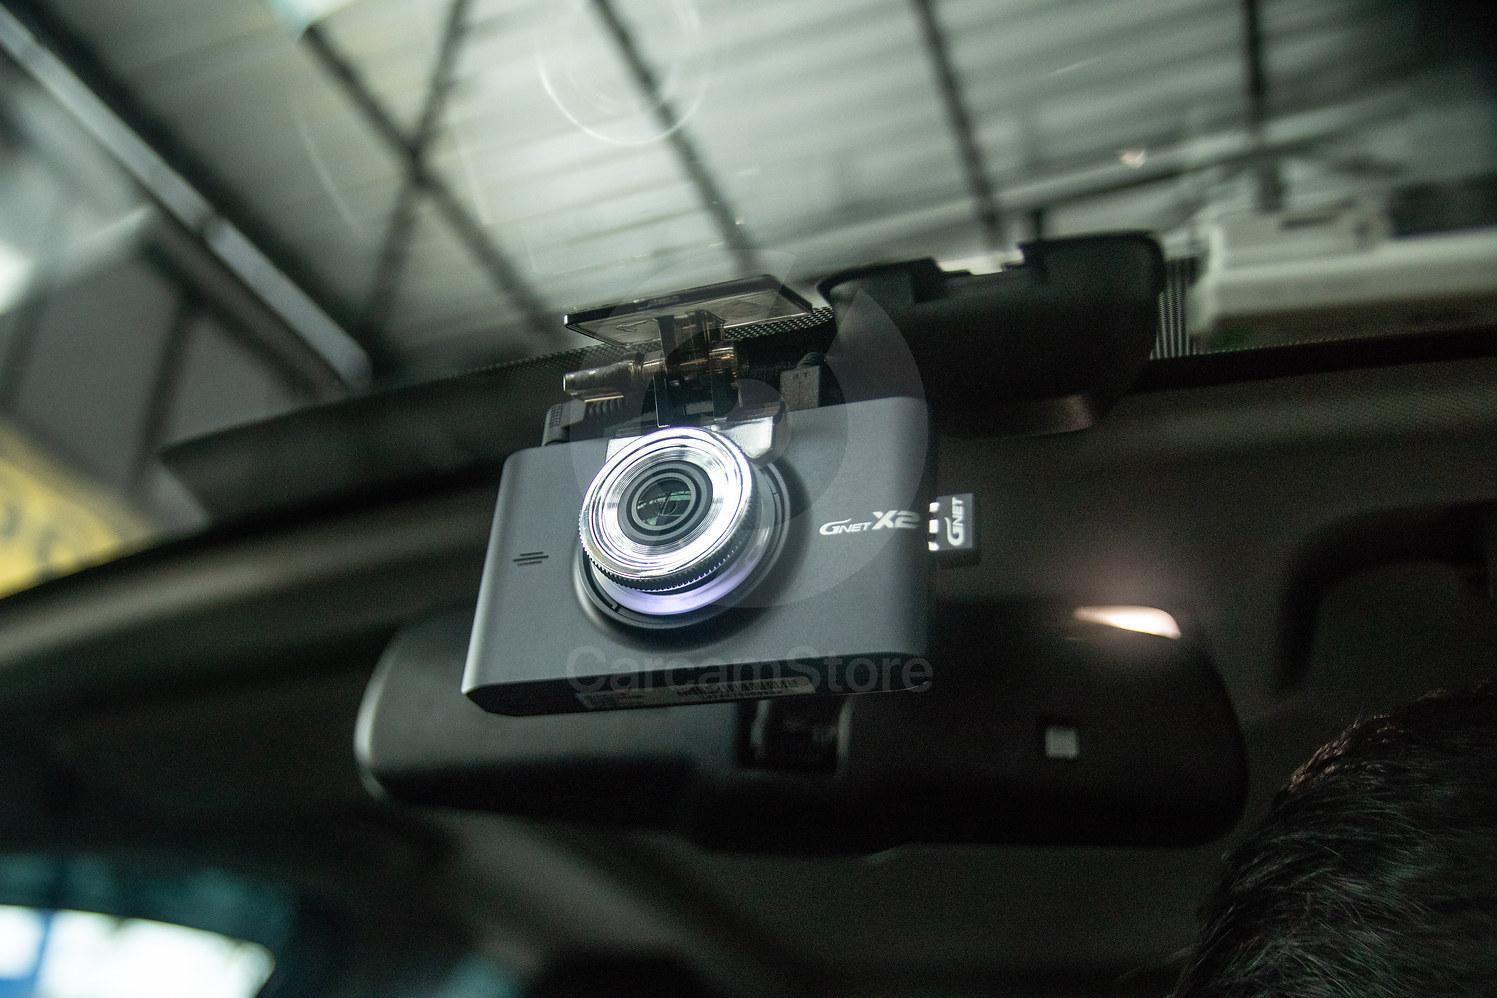 ภาพจากด้านหน้าตัวกล้อง